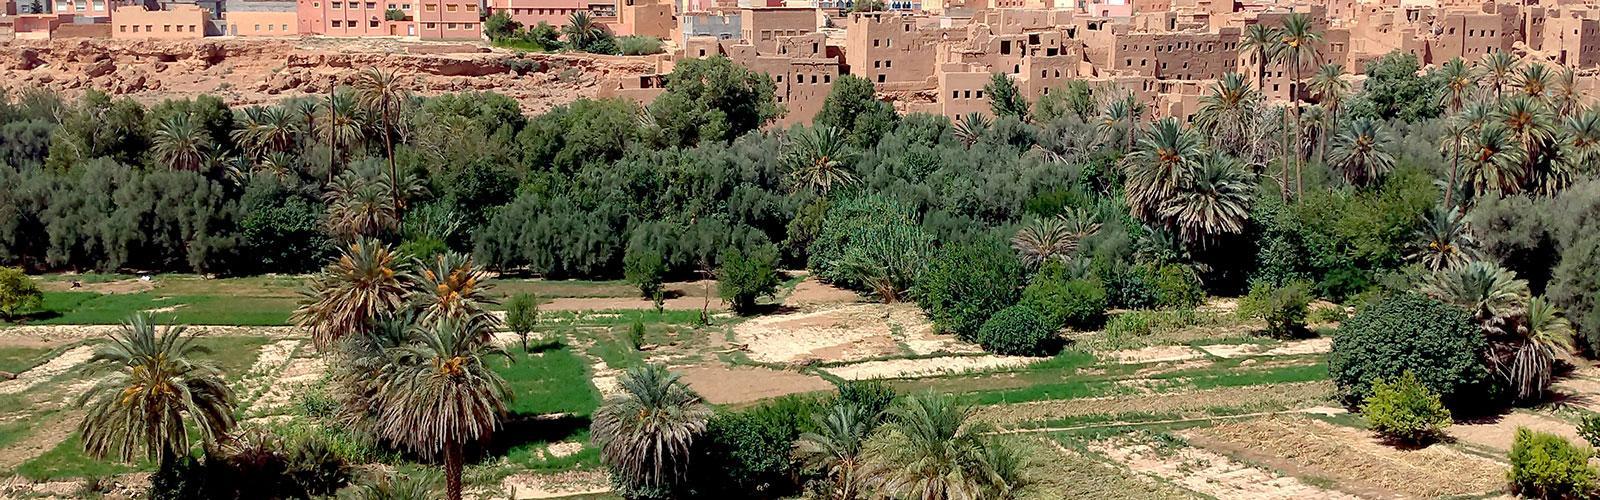 Oasis de Tinghir, Maroc. © G. Lacombe, Cirad